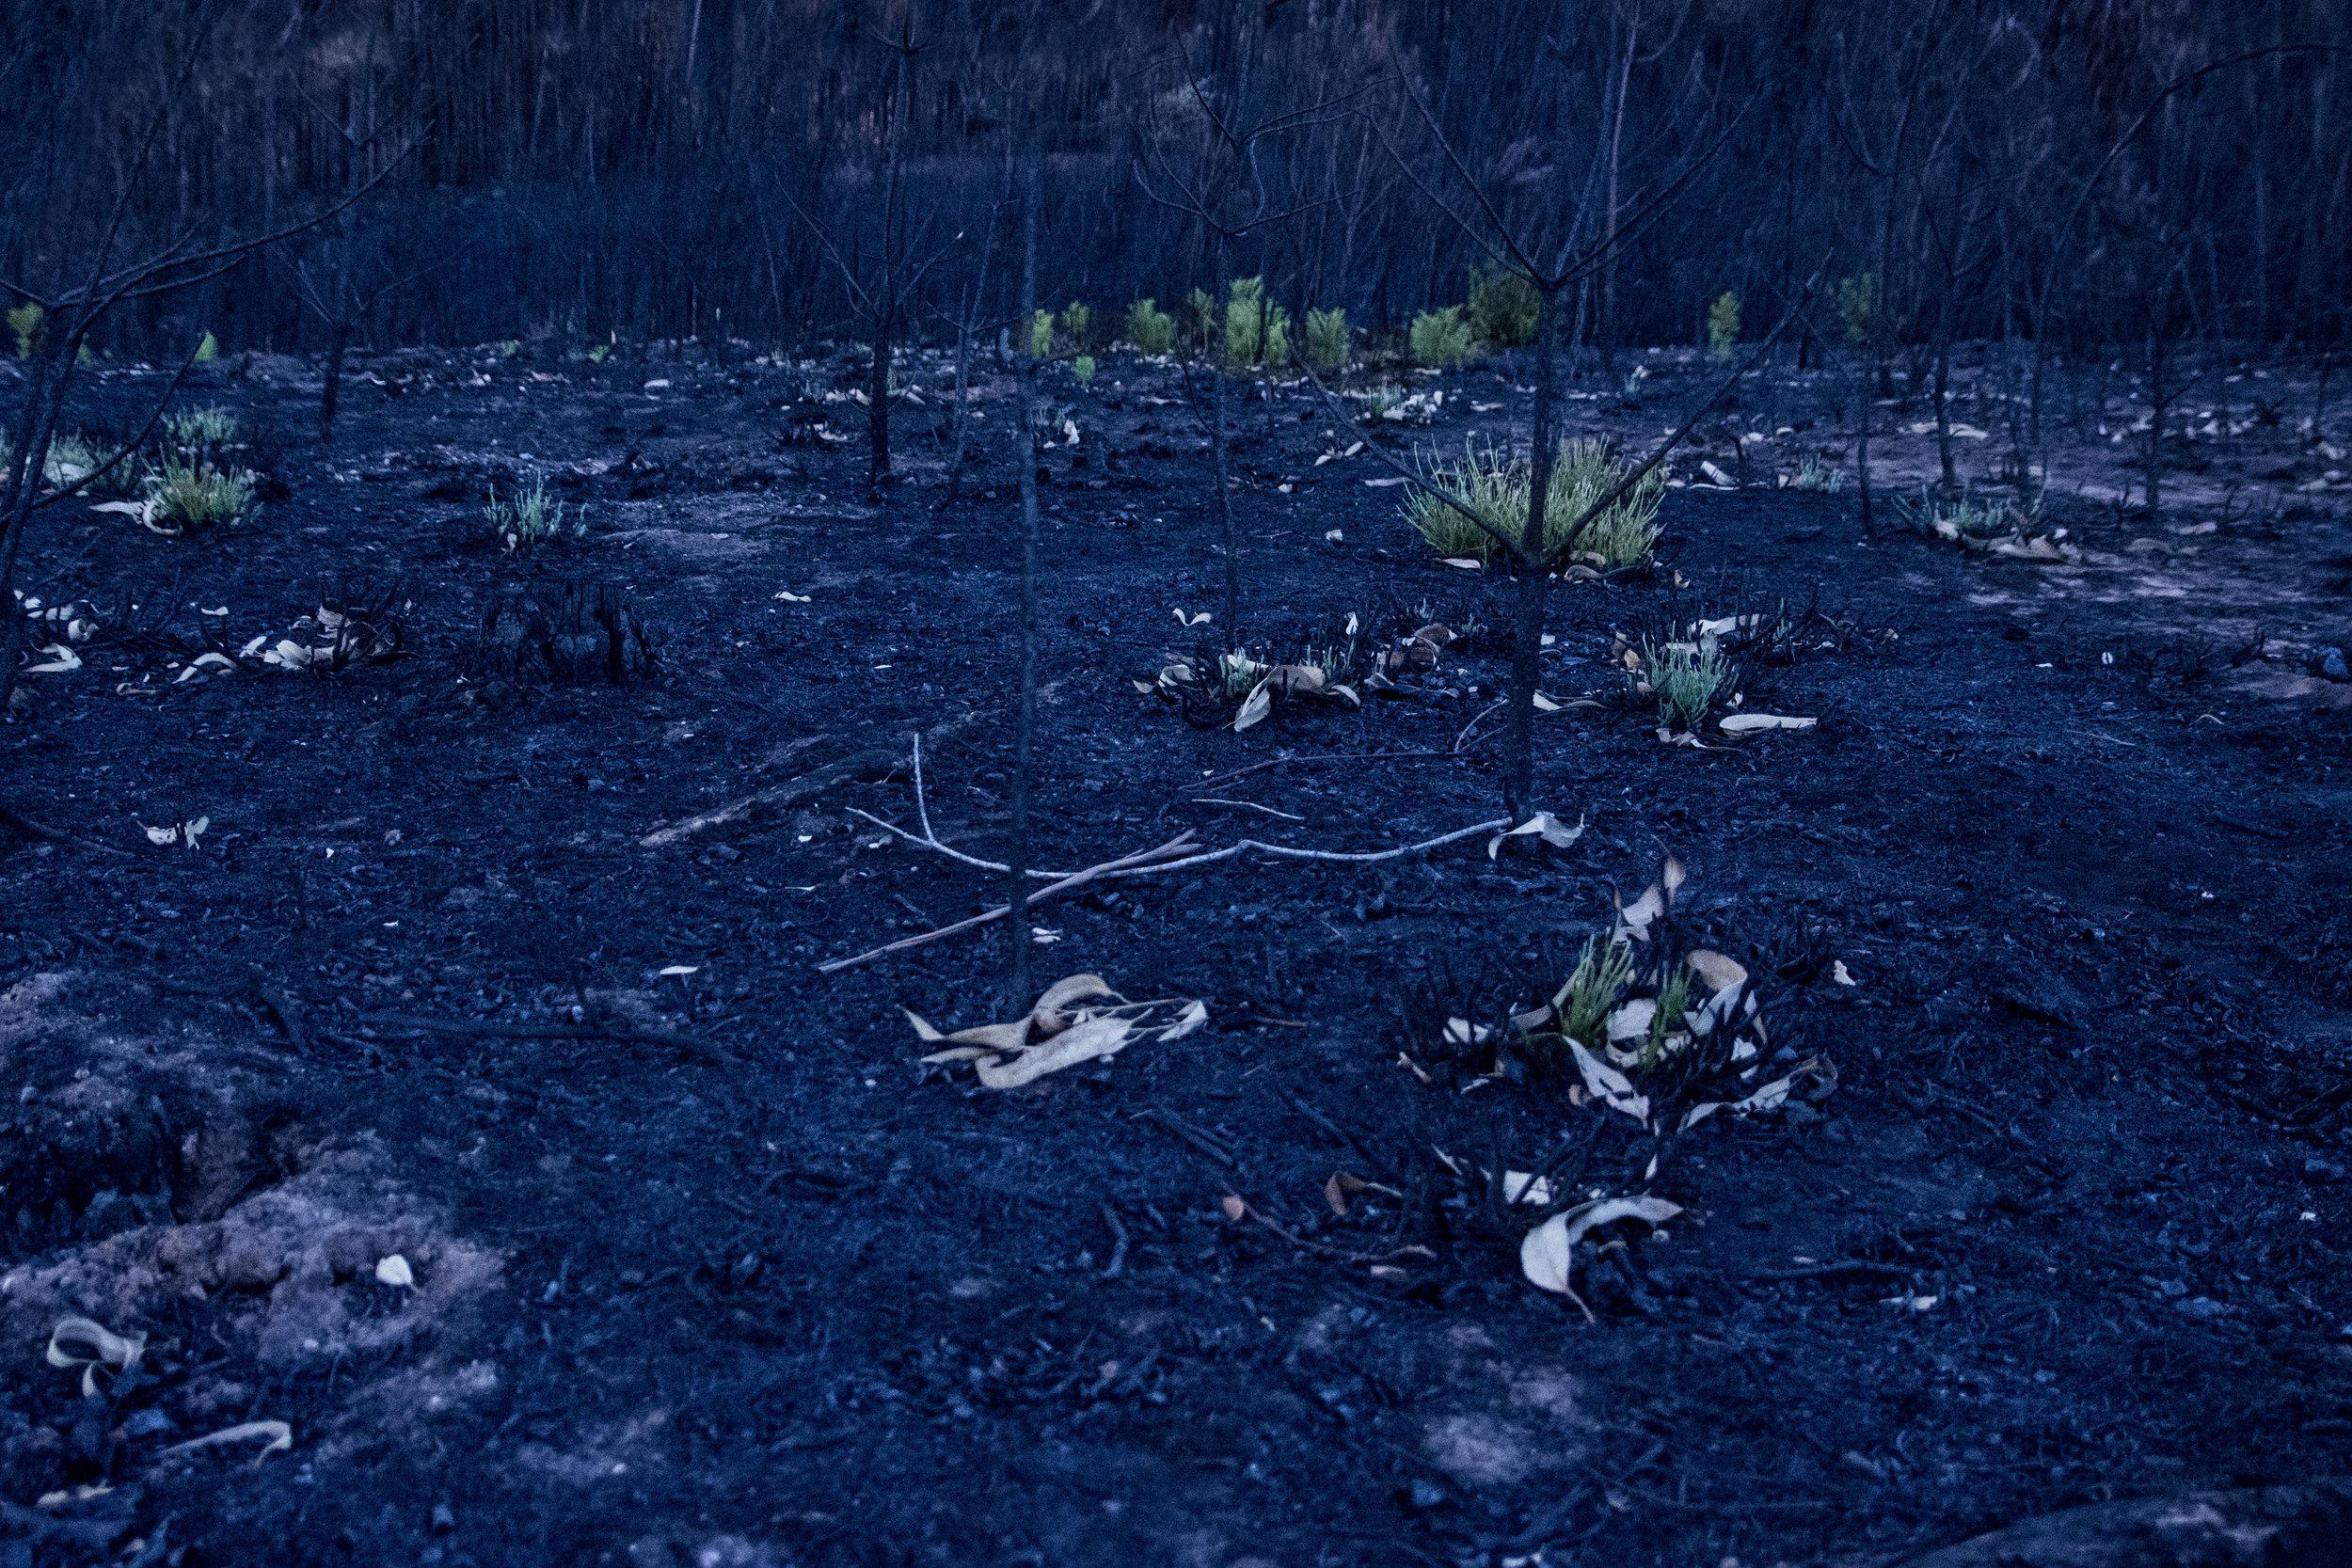 Verbrannte Wälder - Alltagsbild in Portugal.